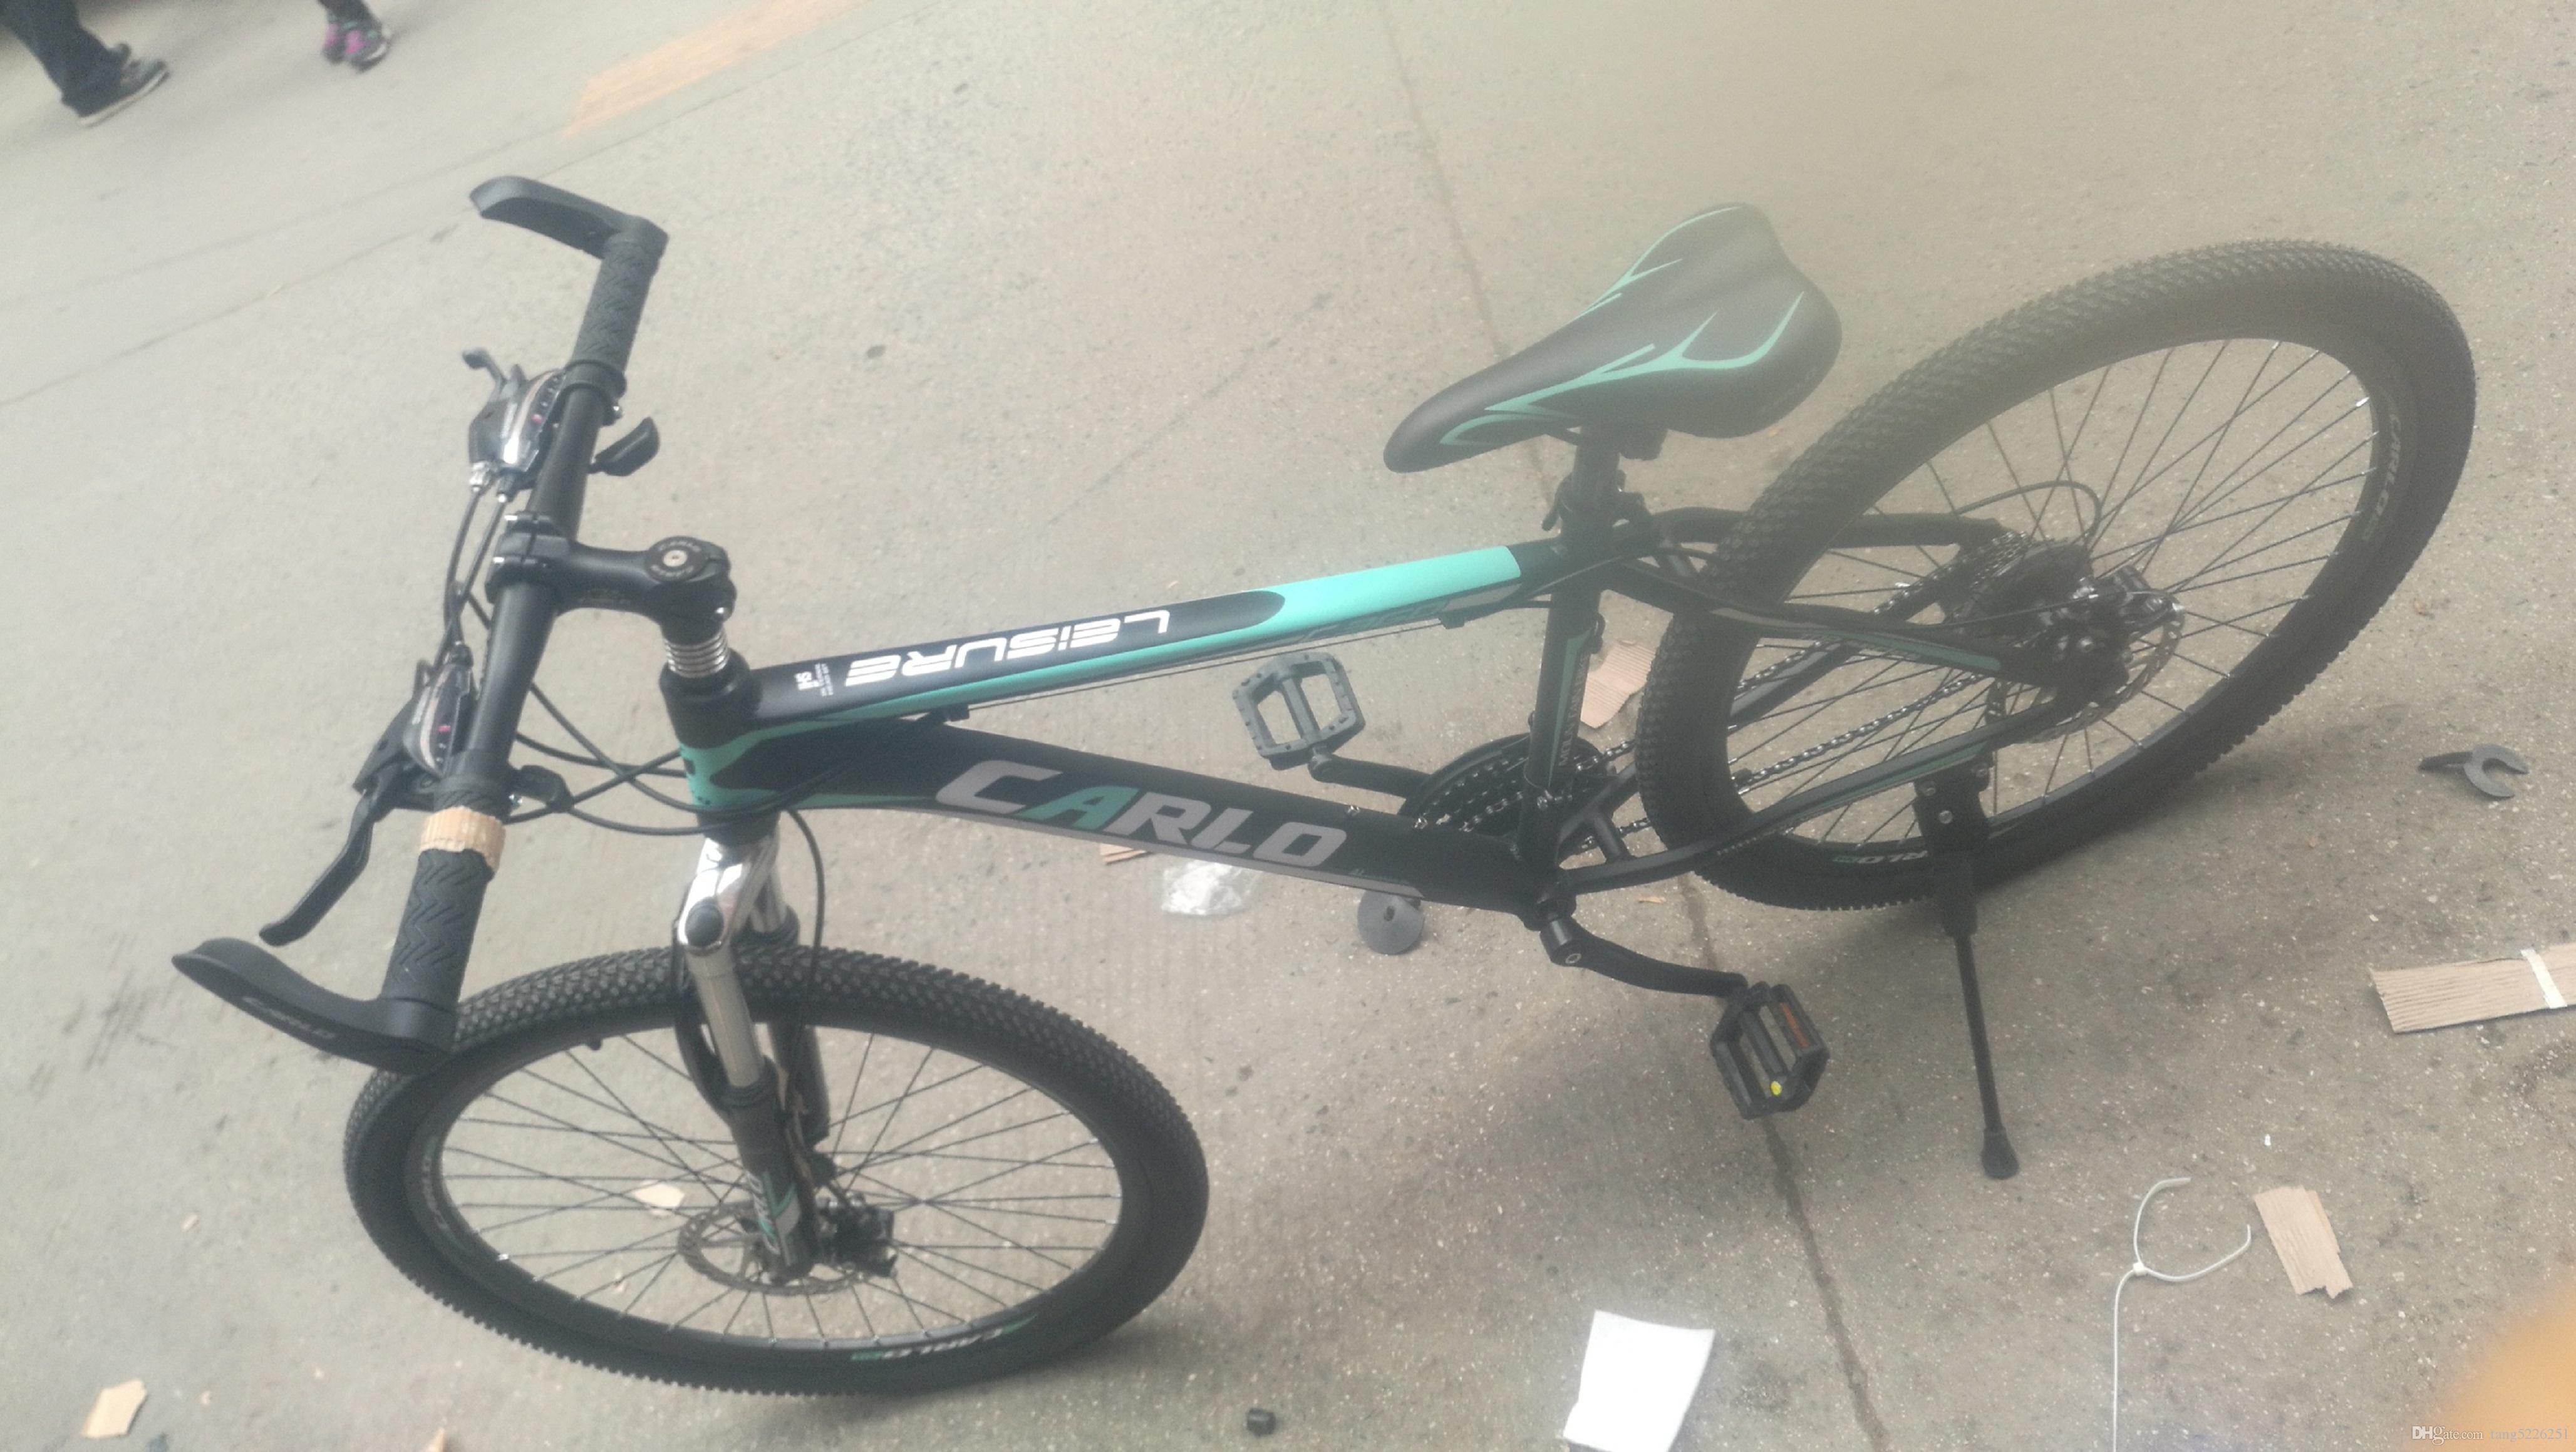 Modelo de bicicleta de montanha de liga de alumínio 26 polegada 21 velocidade esportes Ao Ar Livre mountain bike de alumínio essencial